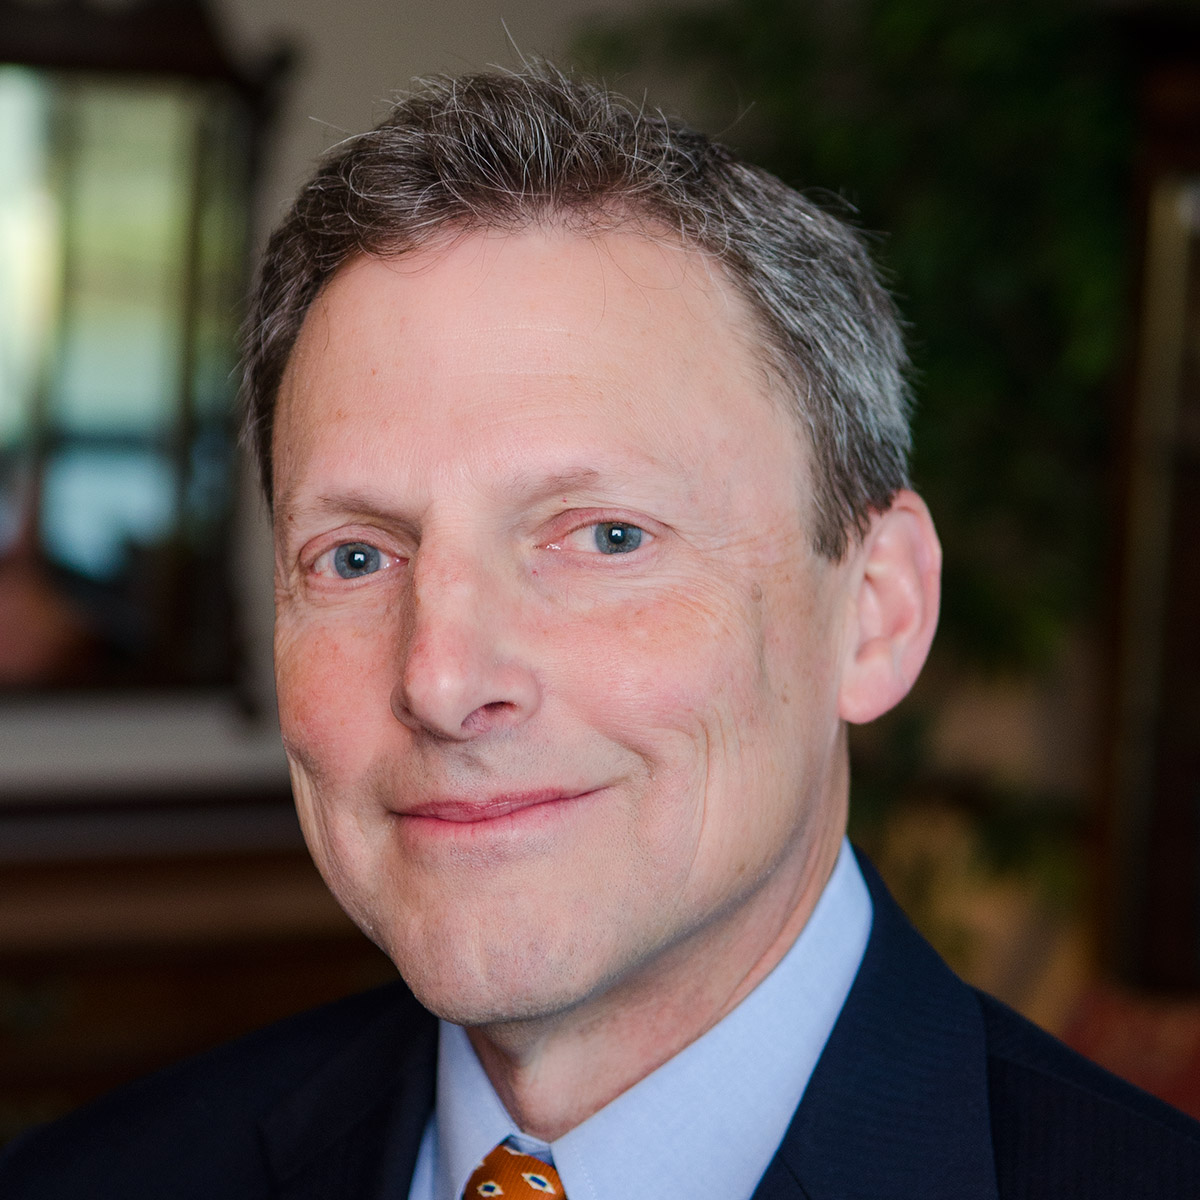 Frank G. Puryear